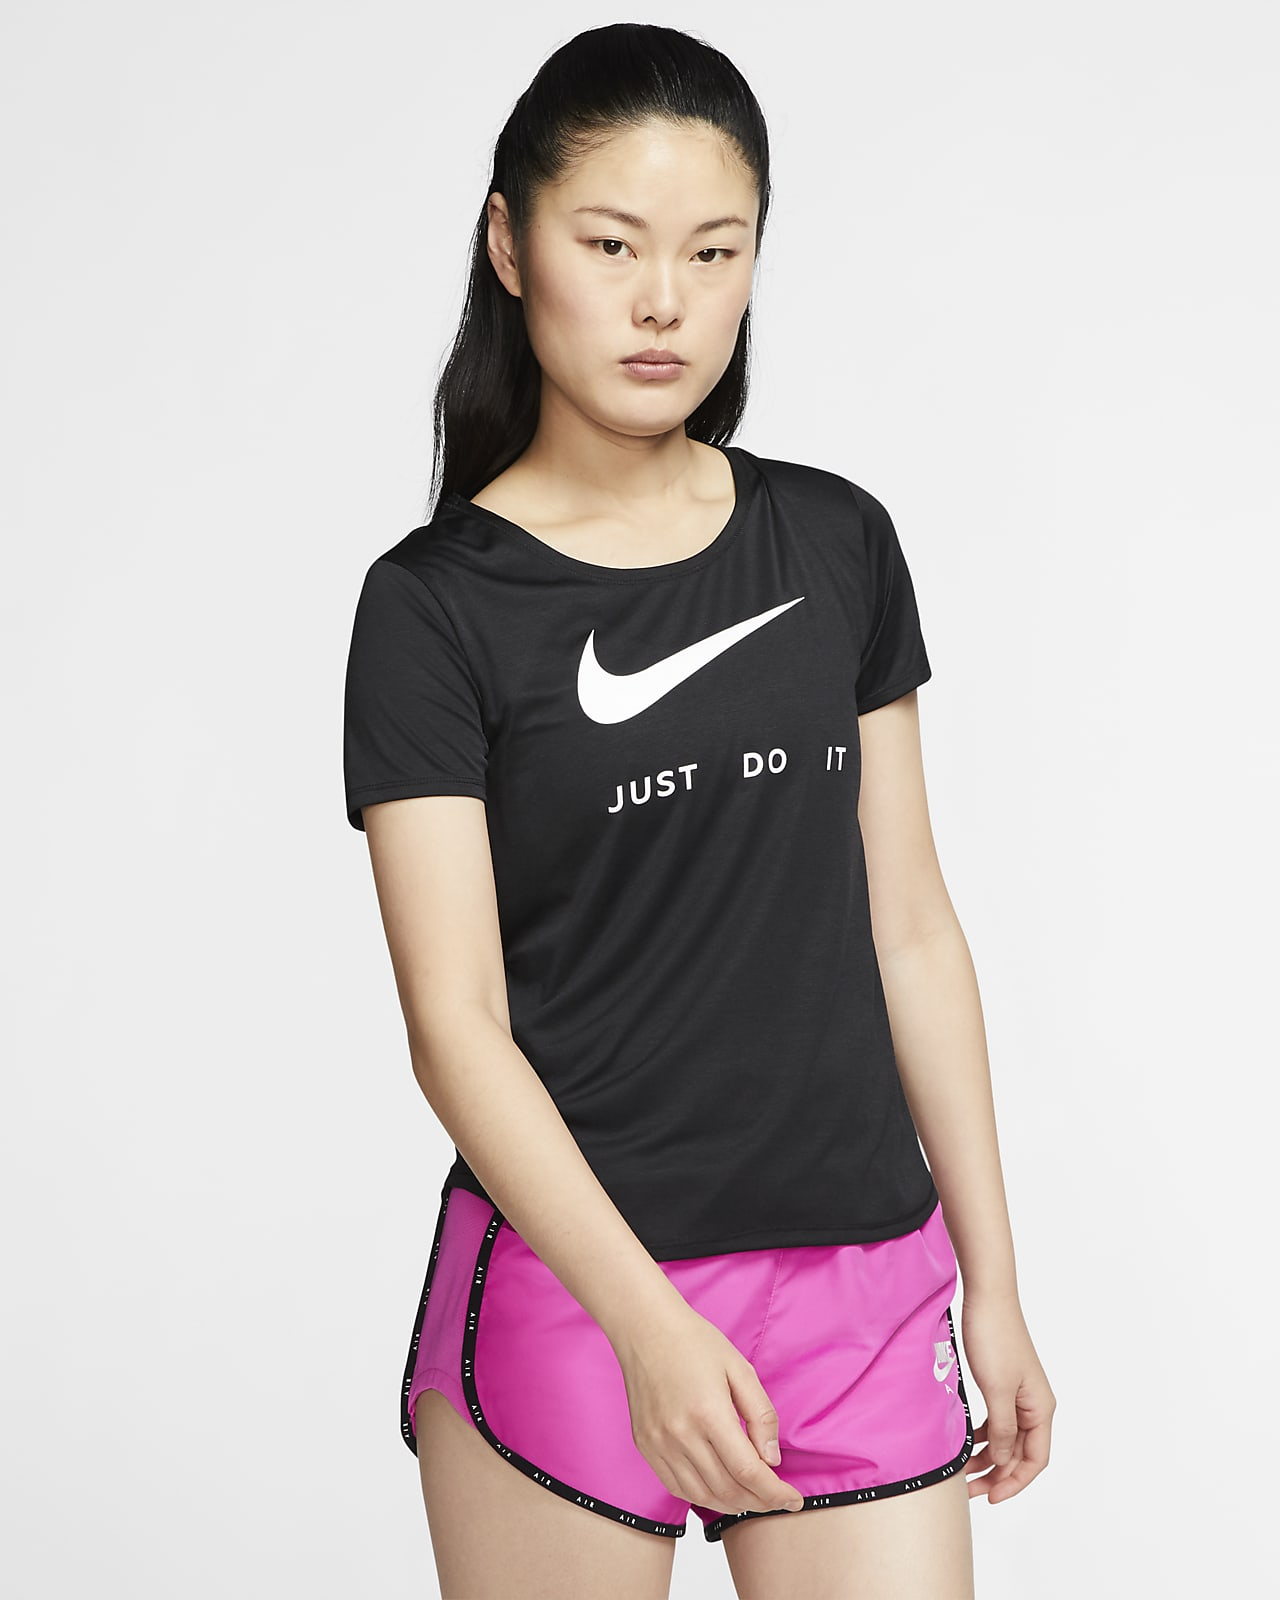 เสื้อวิ่งแขนสั้นผู้หญิง Nike